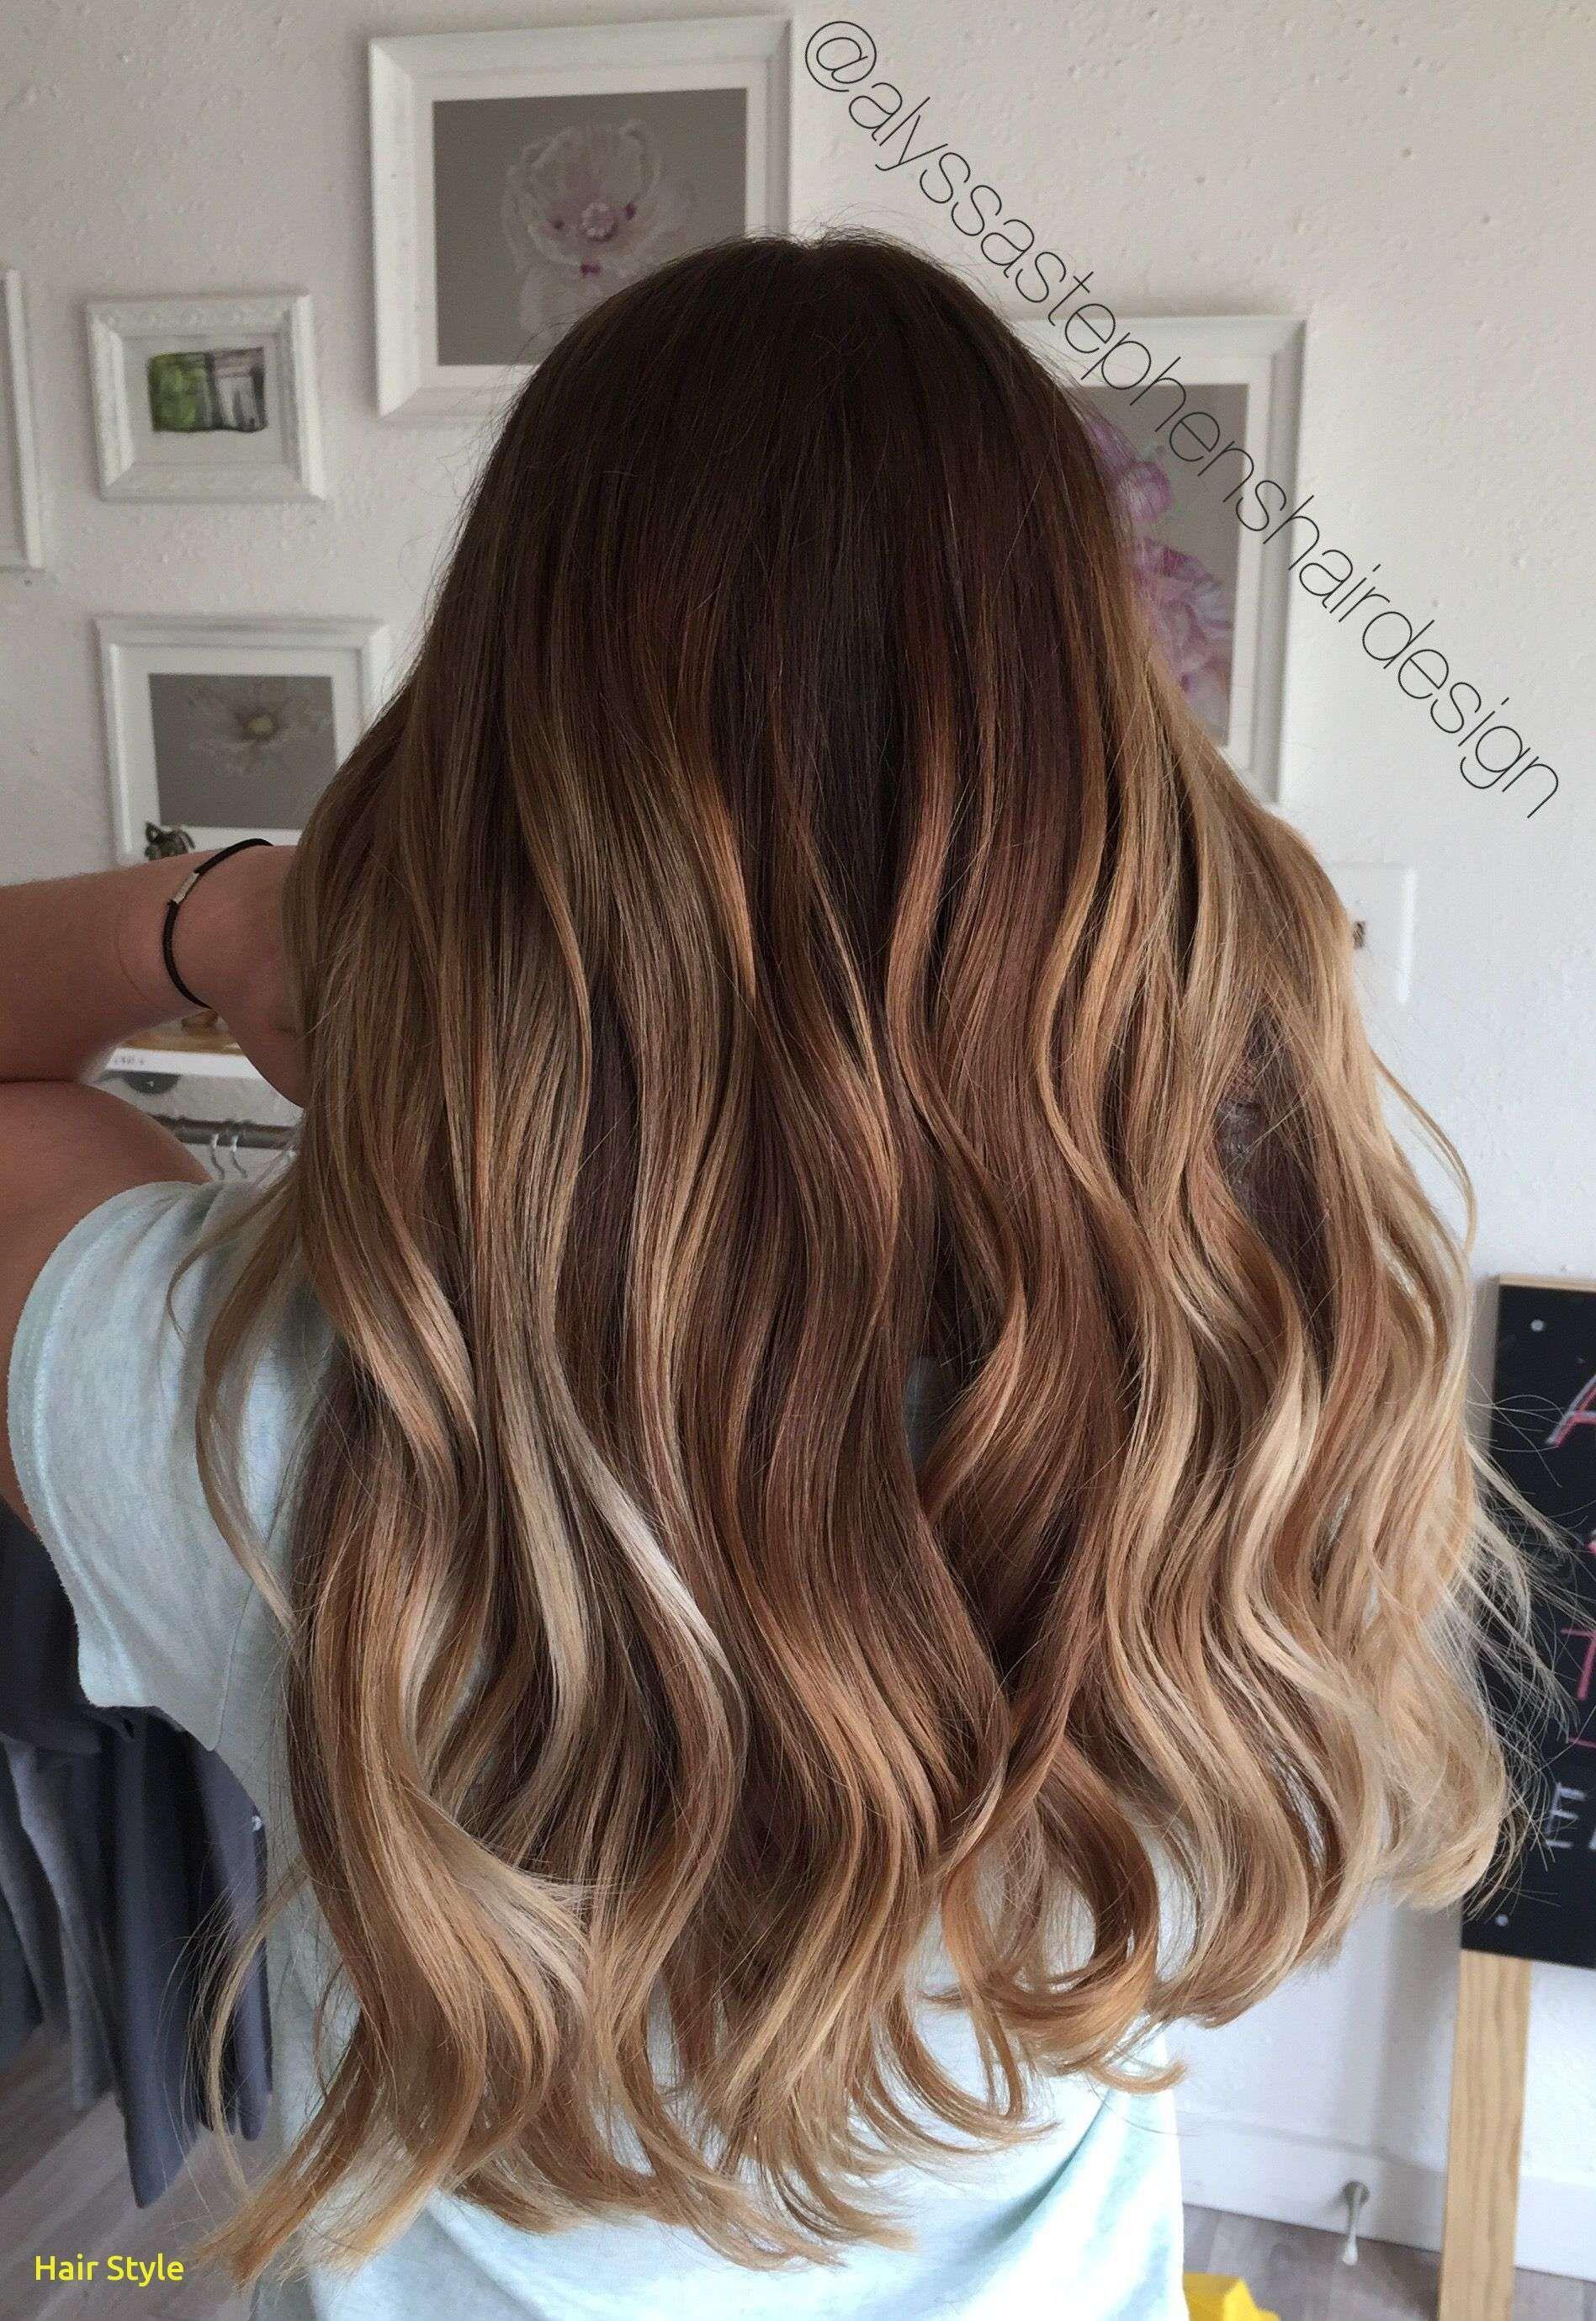 Best Of Balayage Schokolade Hair Haircolor Ombre Braun